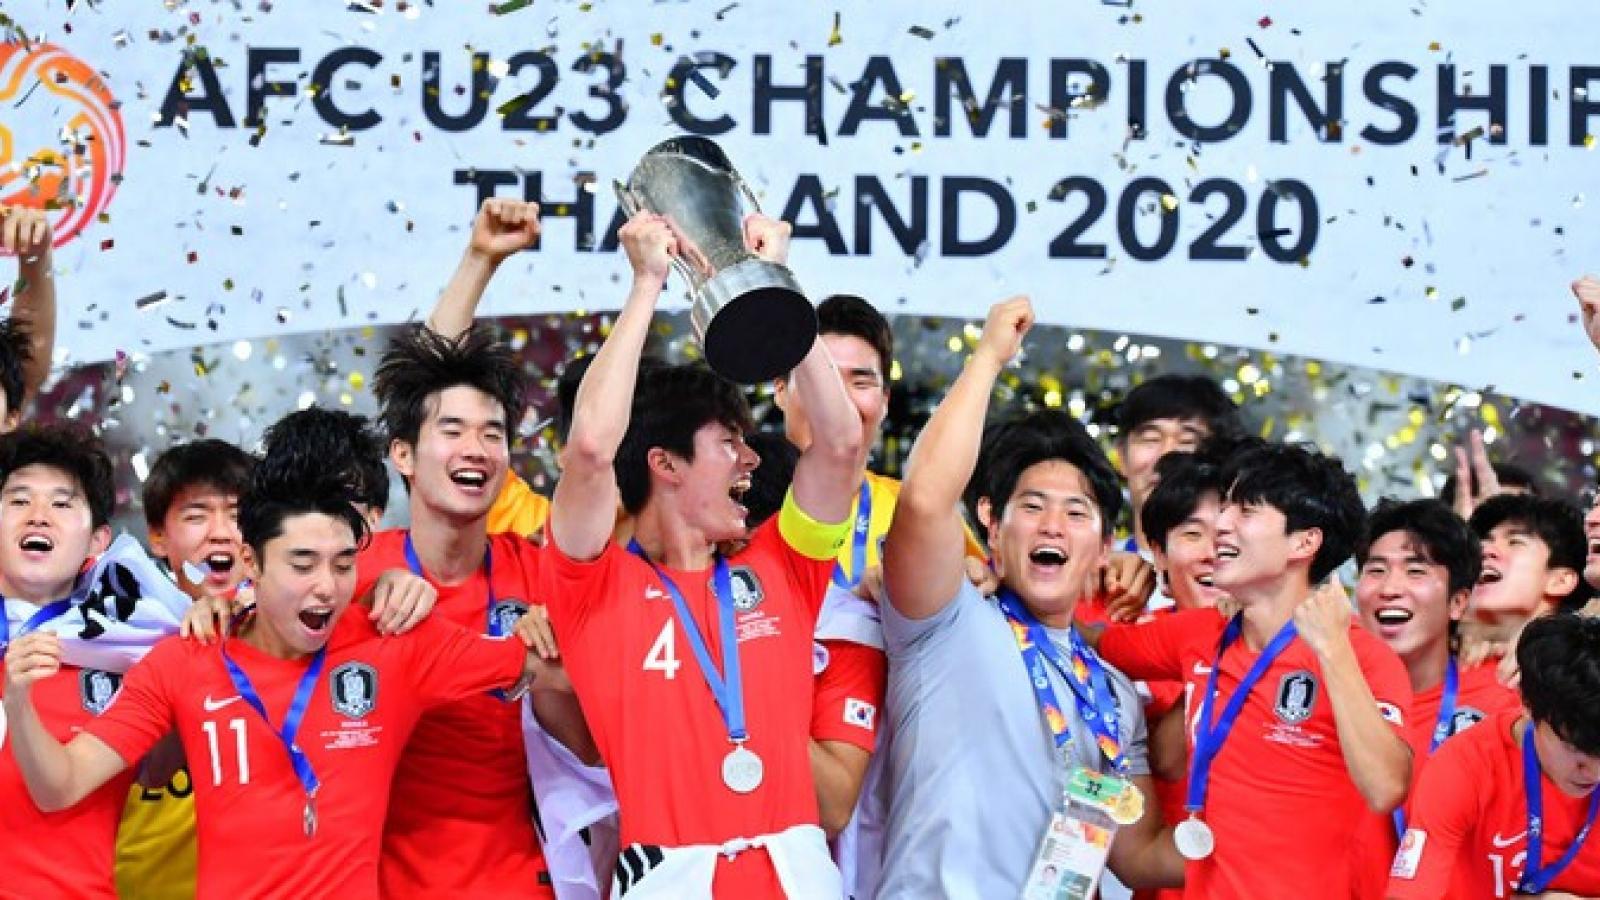 Ngày này năm xưa: Bóng đá Hàn Quốc đăng quang ở giải đấu đặc biệt của châu Á